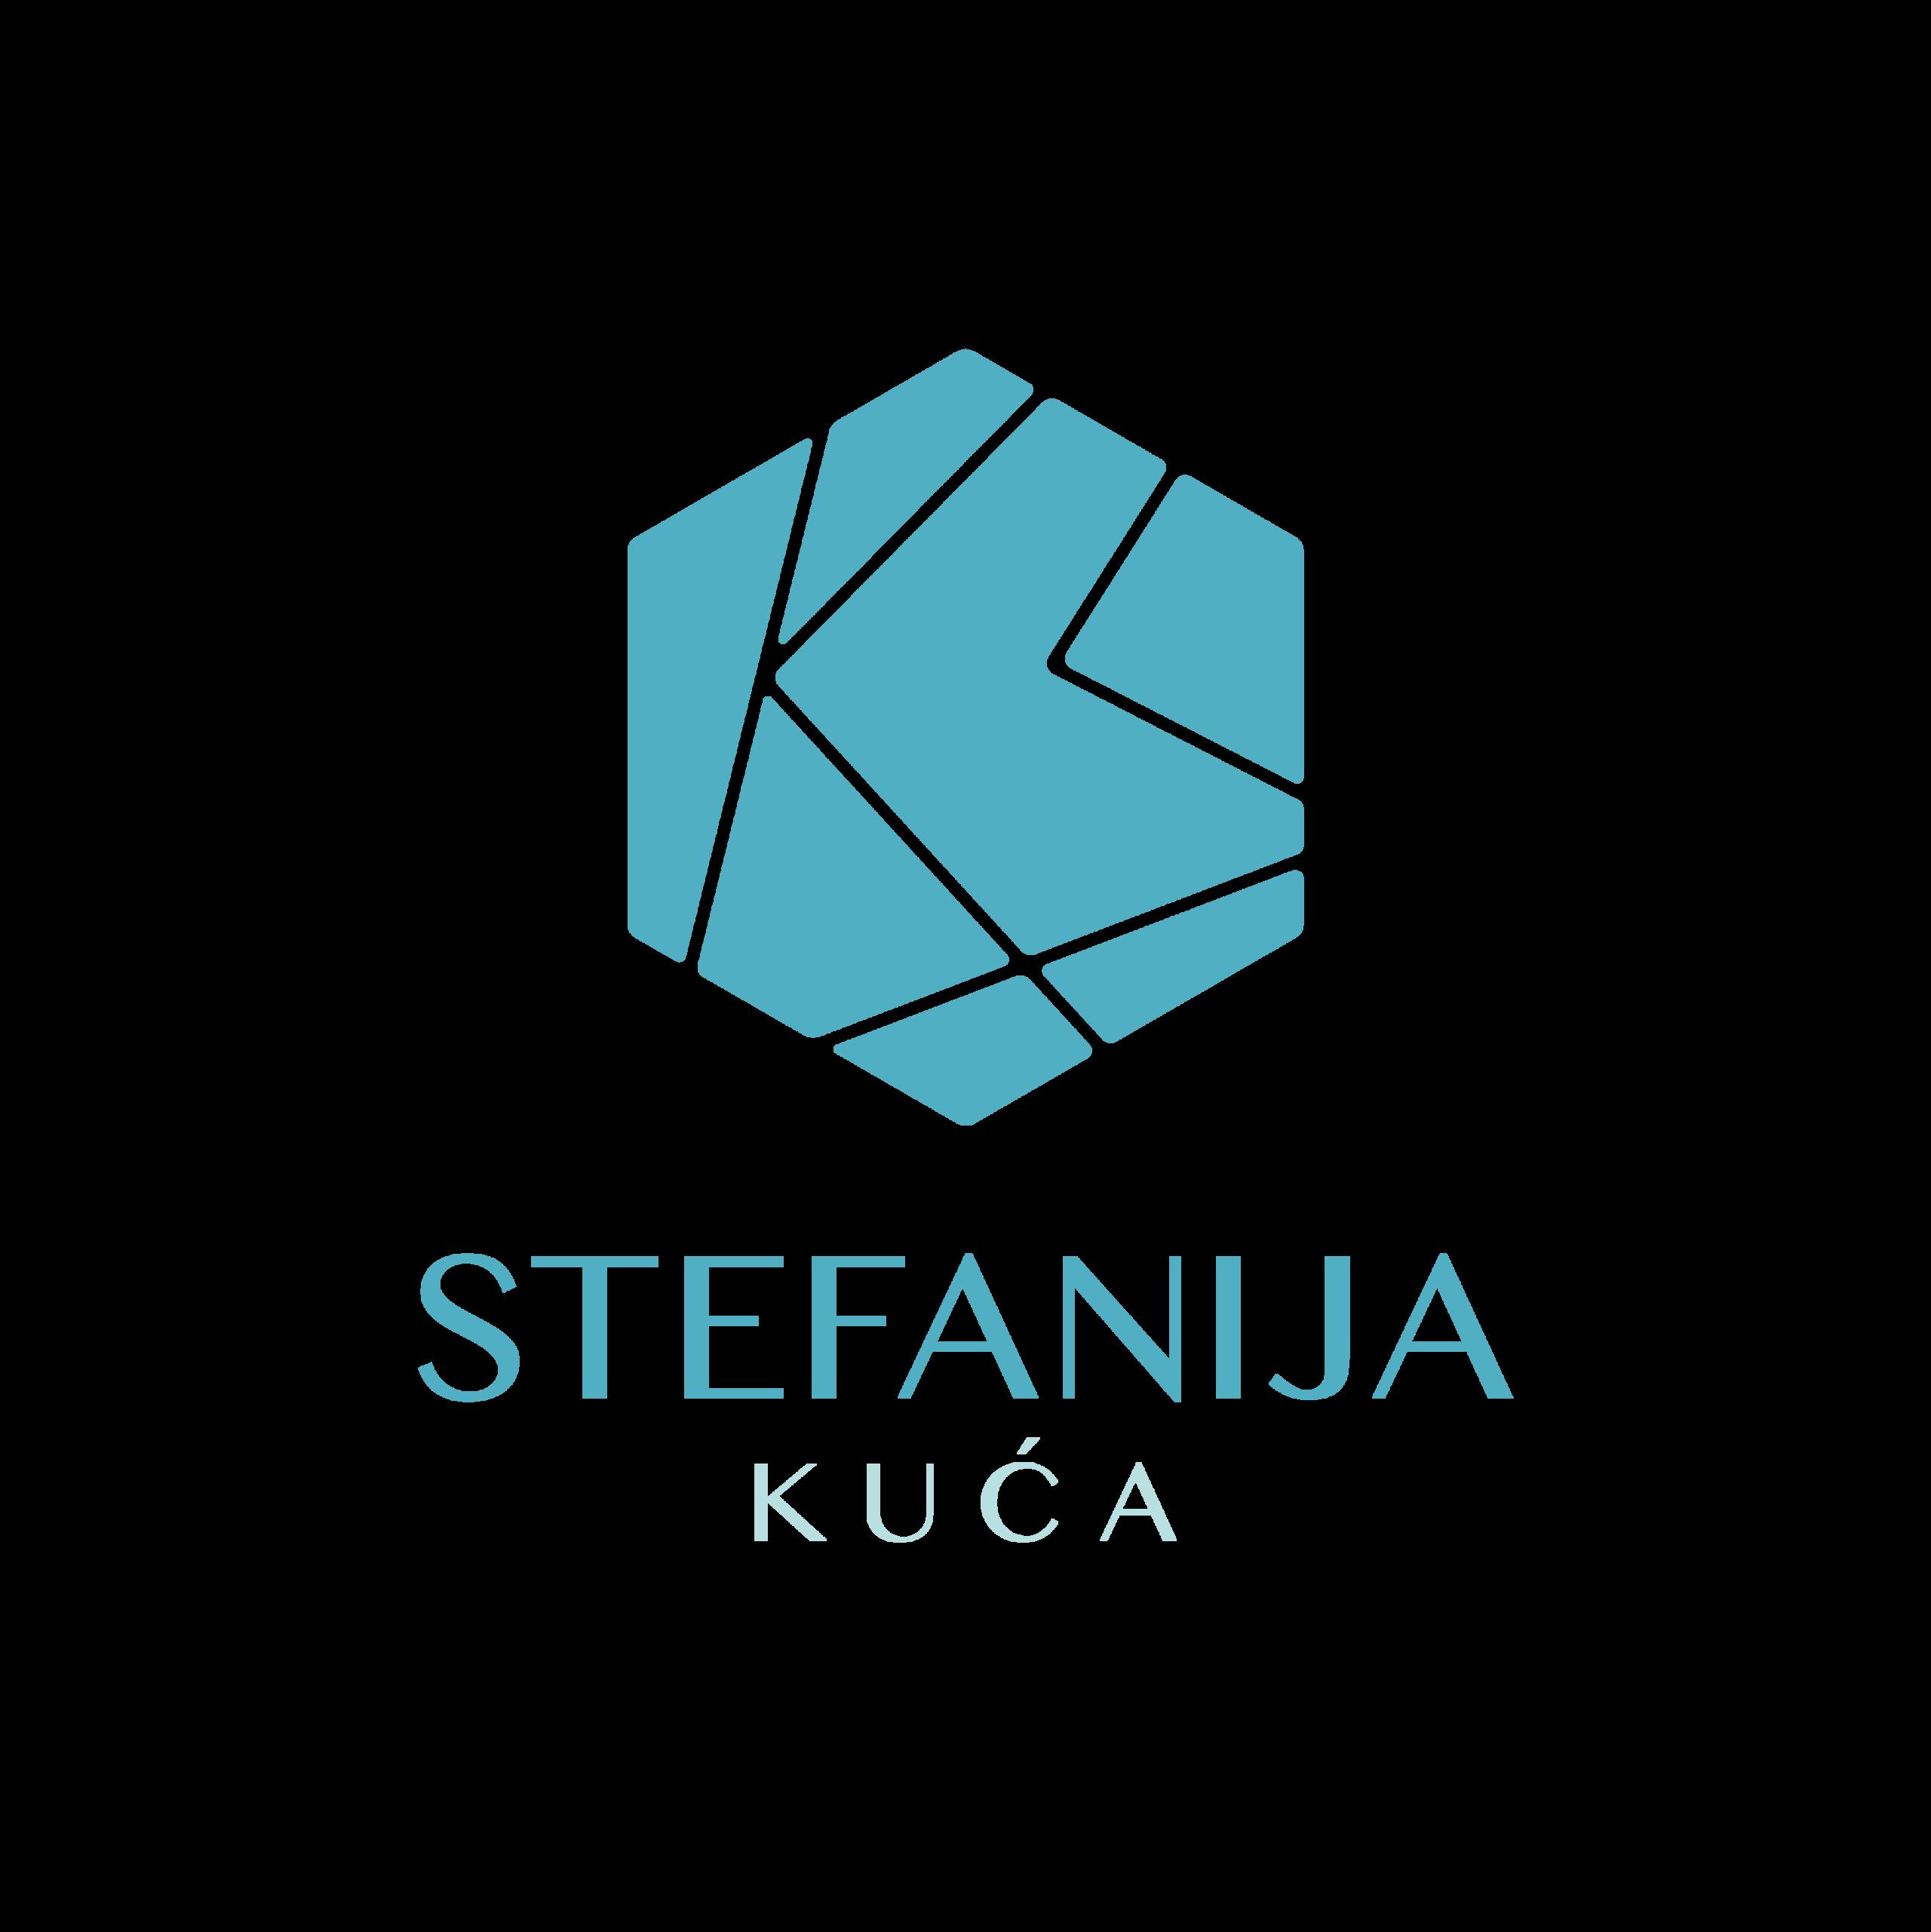 Kuca Stefanija Wortbildmarke